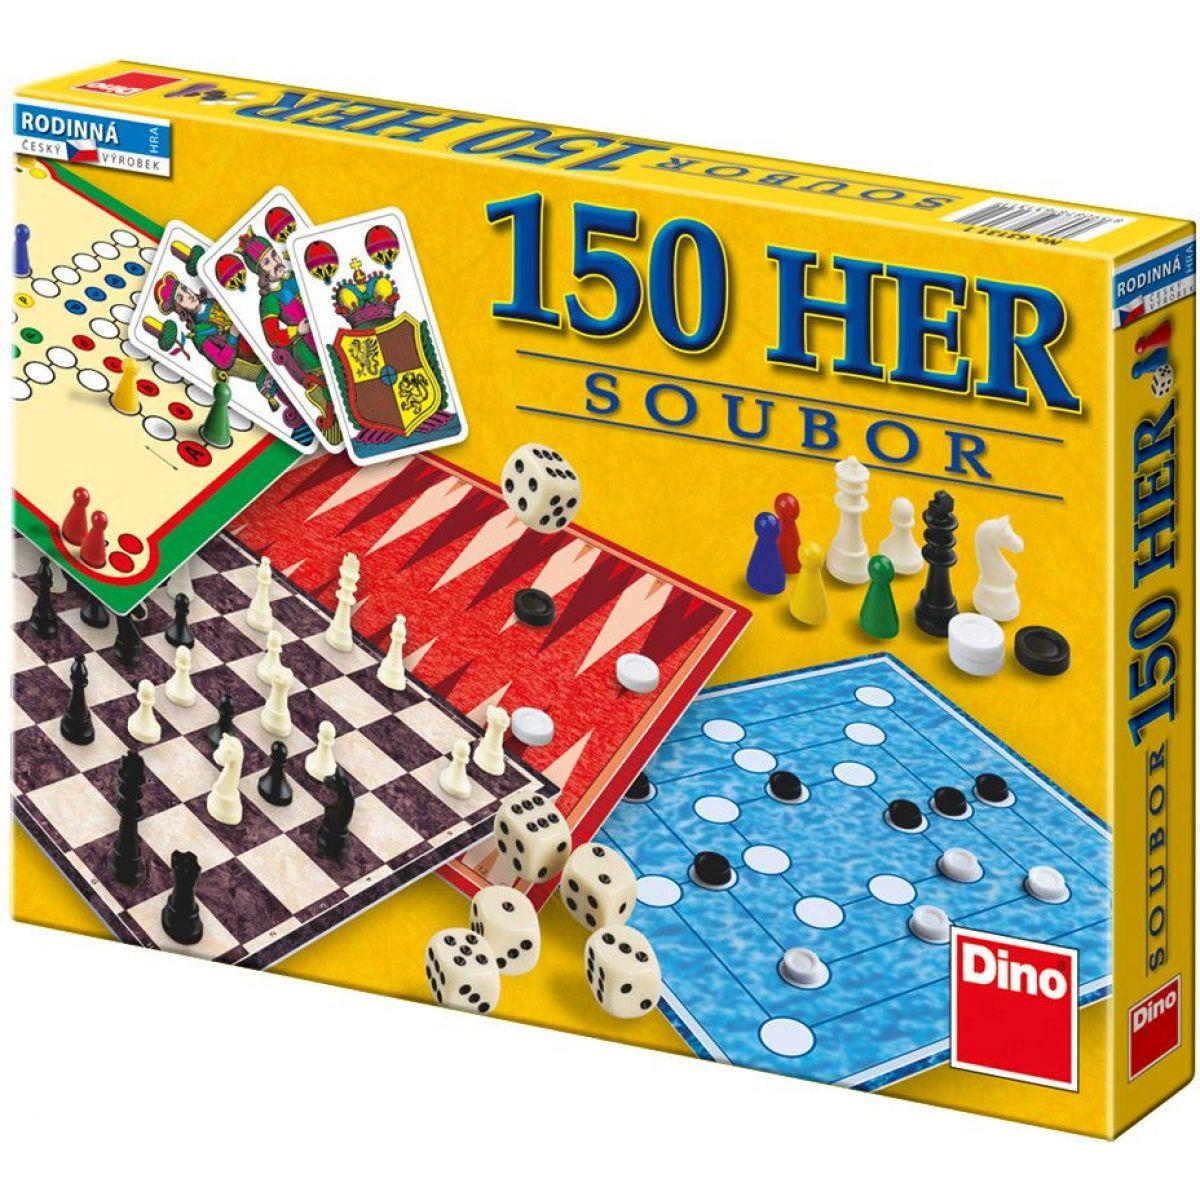 DINO Soubor her  (150 her v krabici)